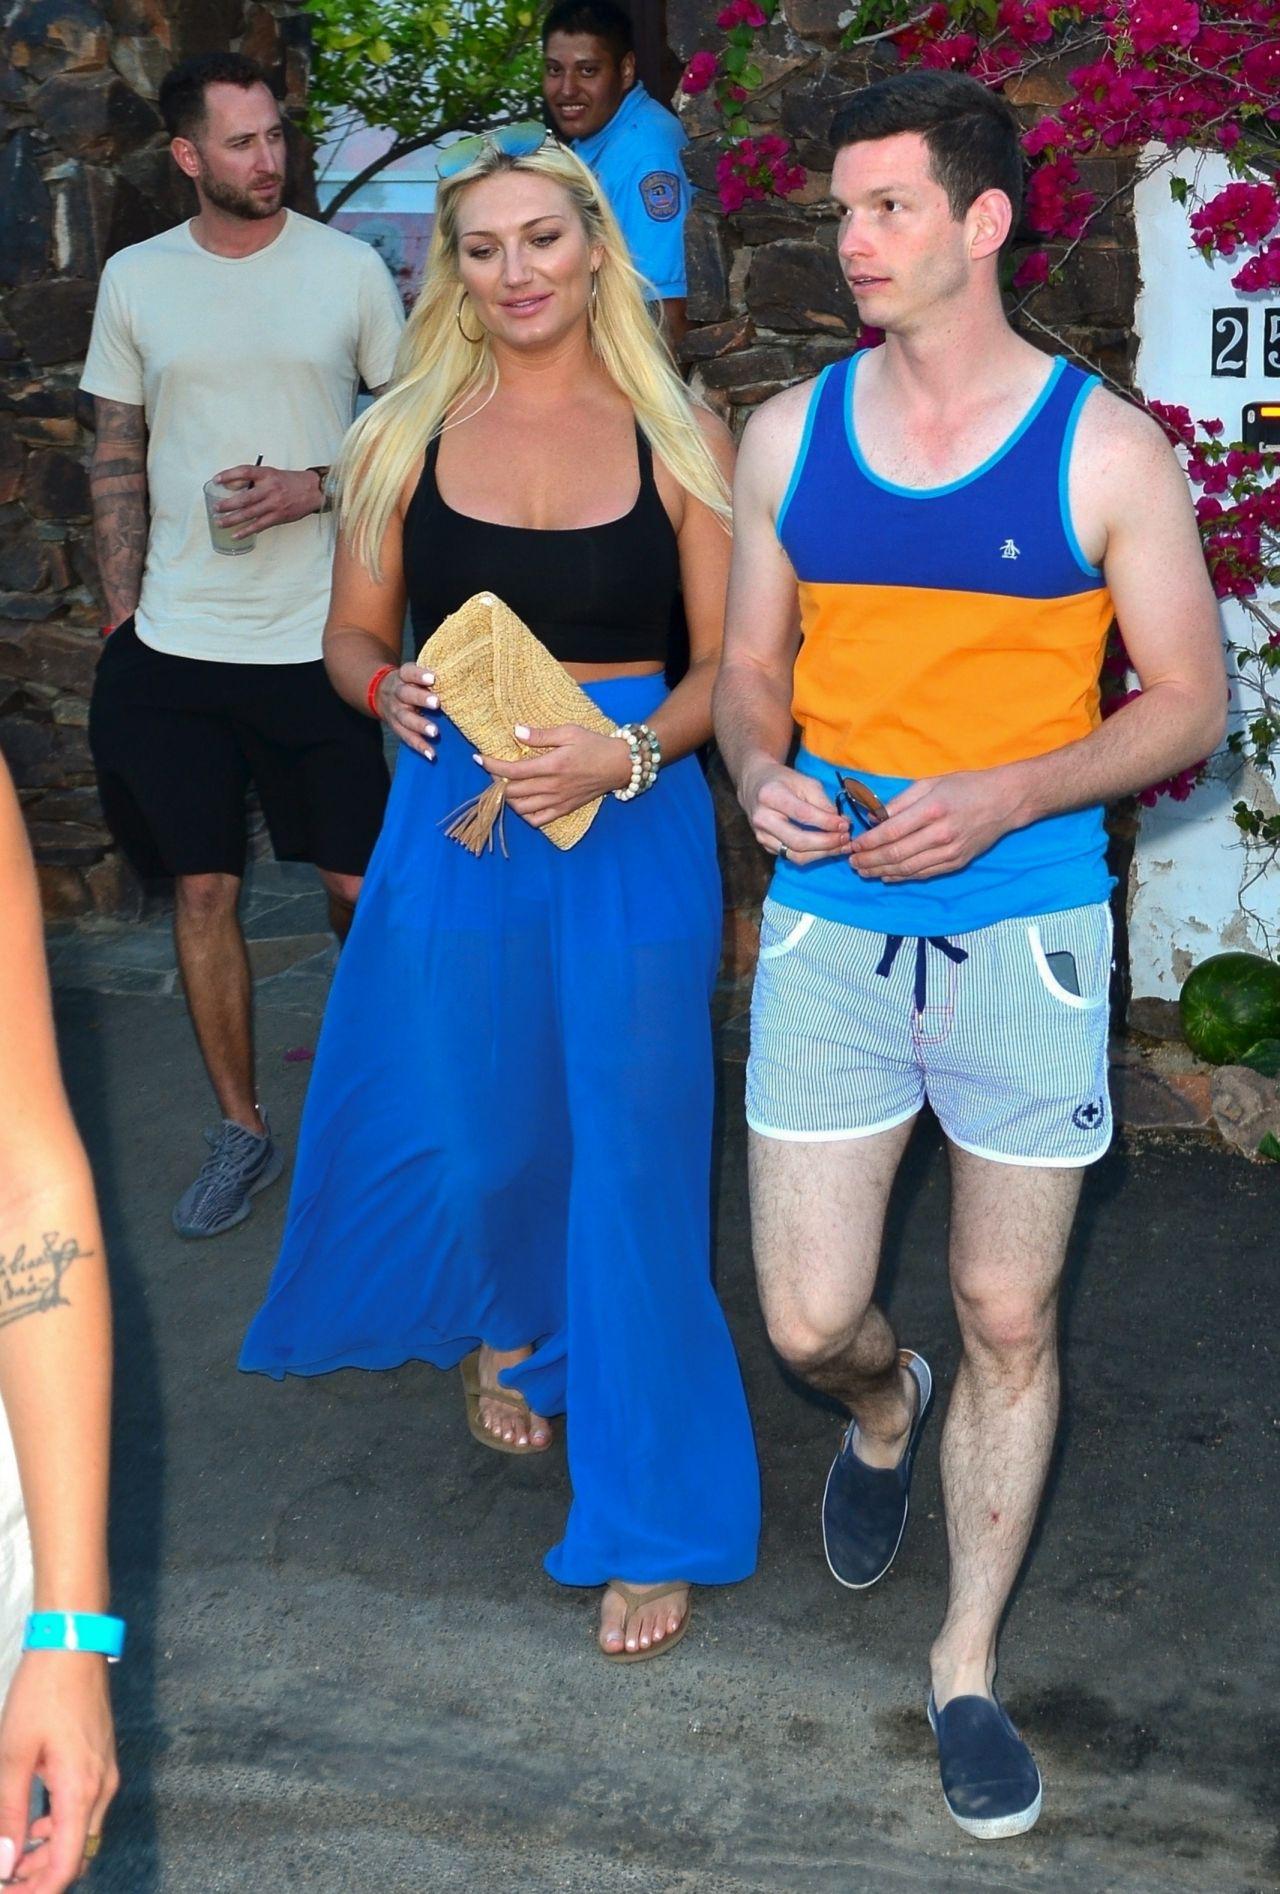 Brooke Hogan Leaving The Ciroc Summer House Coachella